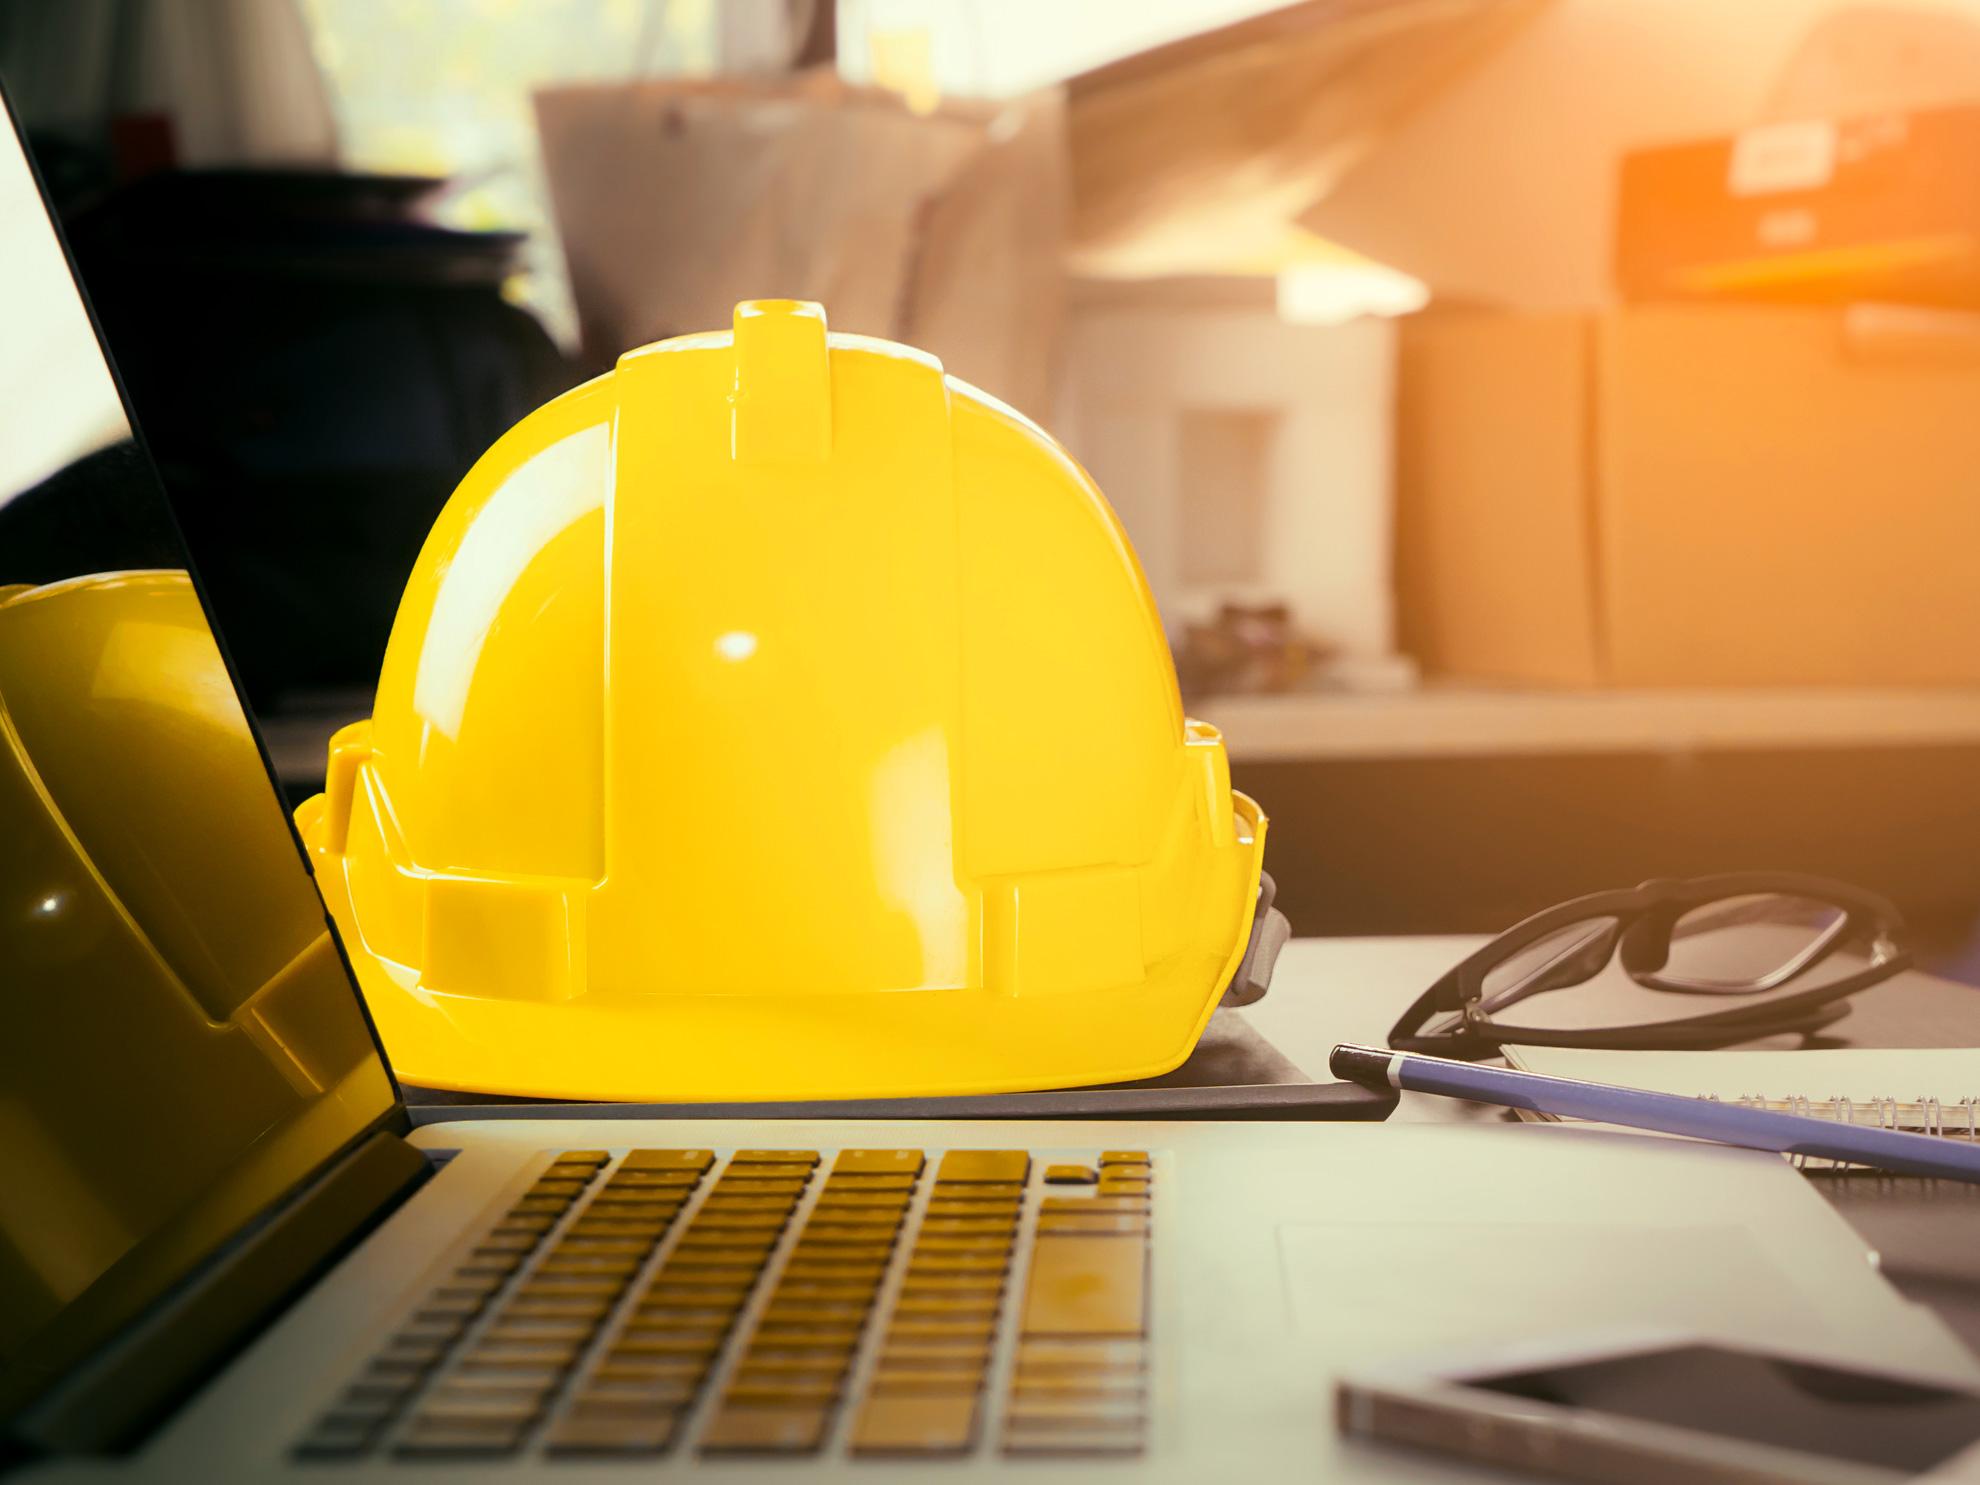 Luoghi di lavoro, servizio prevenzione e protezione: Webinar CNI 10 novembre